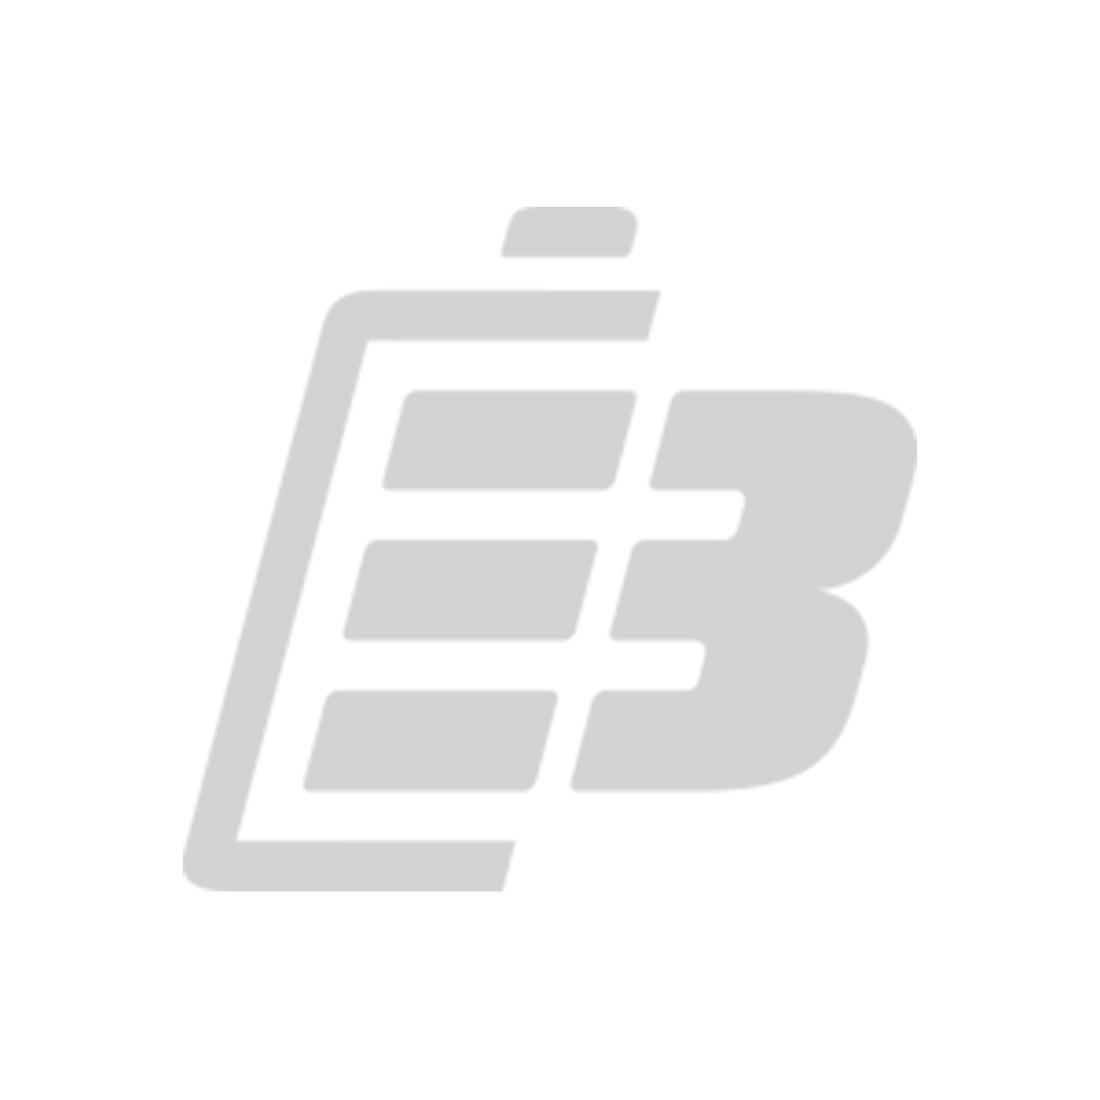 Μπαταρια Επαναφορτιζομενη Duracell HR22 8,4V 170mah 1